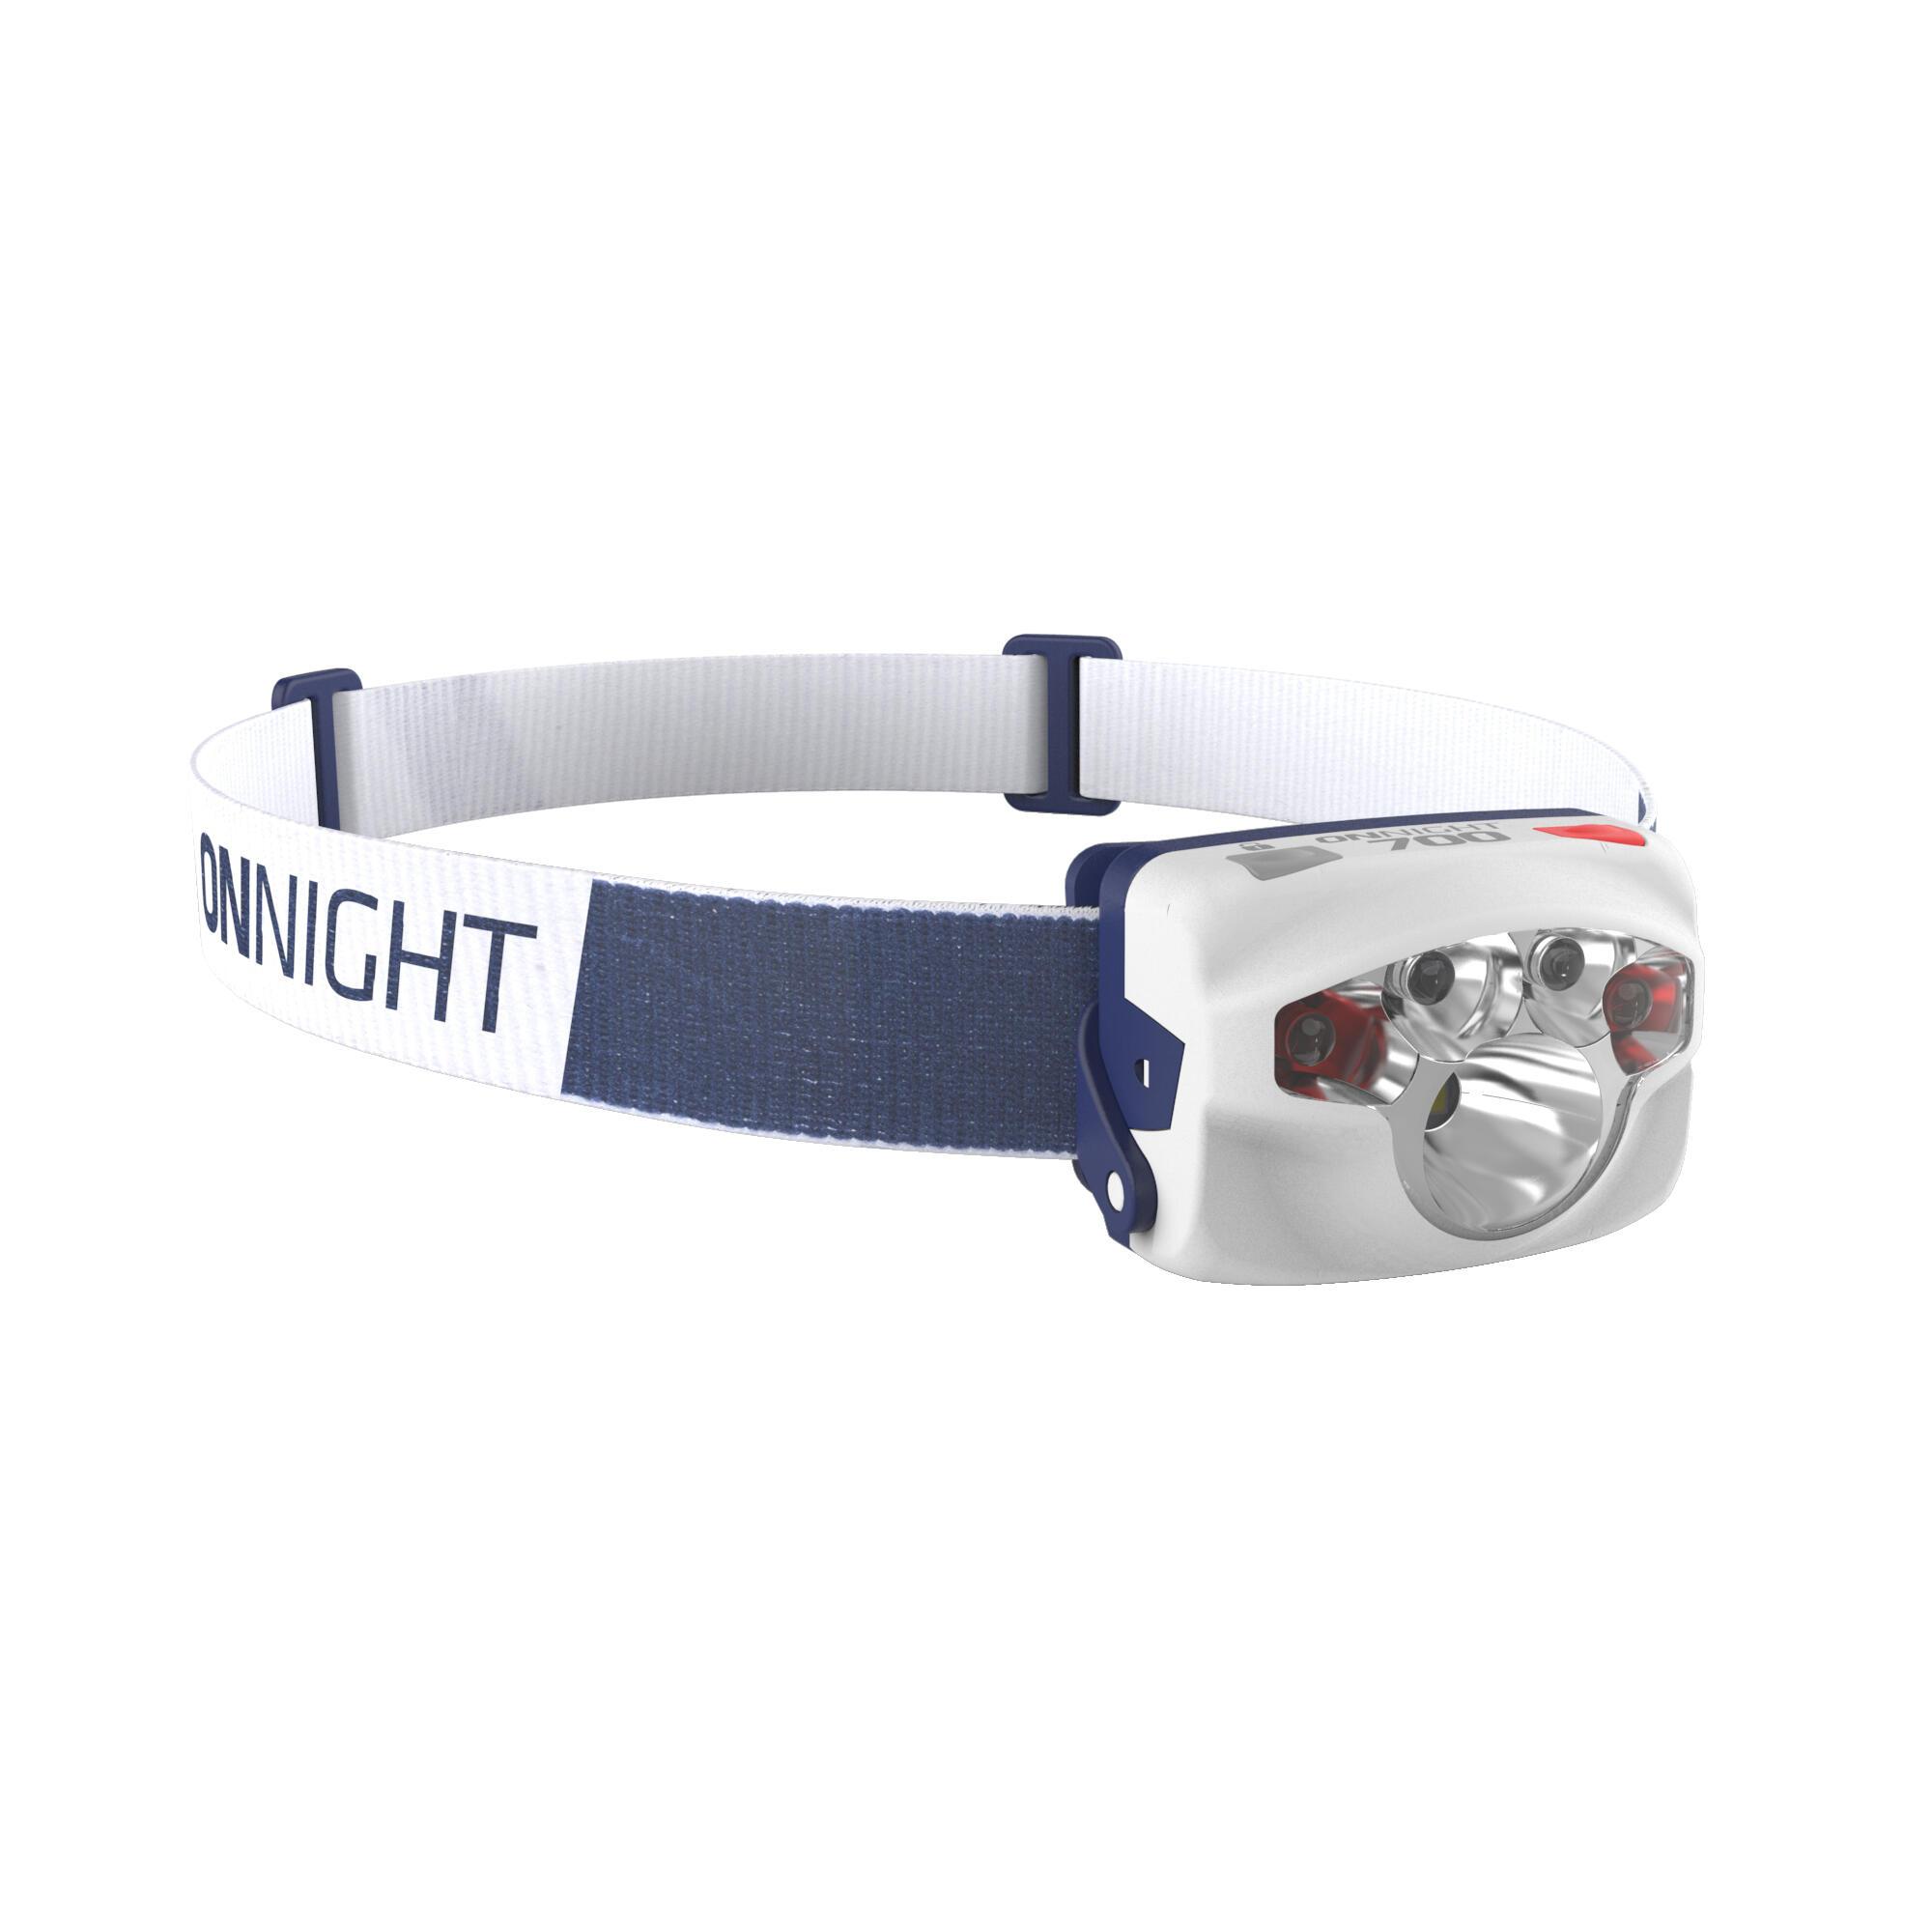 https://contents.mediadecathlon.com/p1171544/k$f5602f1474592fcbb40a46632f86f3c5/sq/Hoofdlamp+voor+Trekking+Onnight+700+250+lumen+1171544.jpg